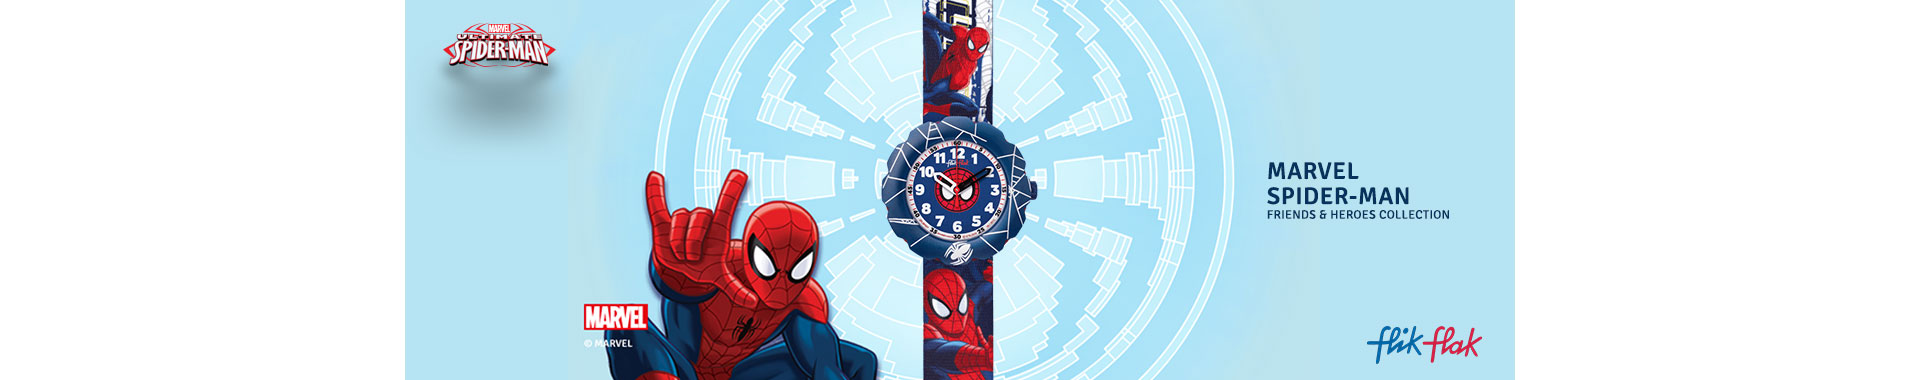 banner hombre araña